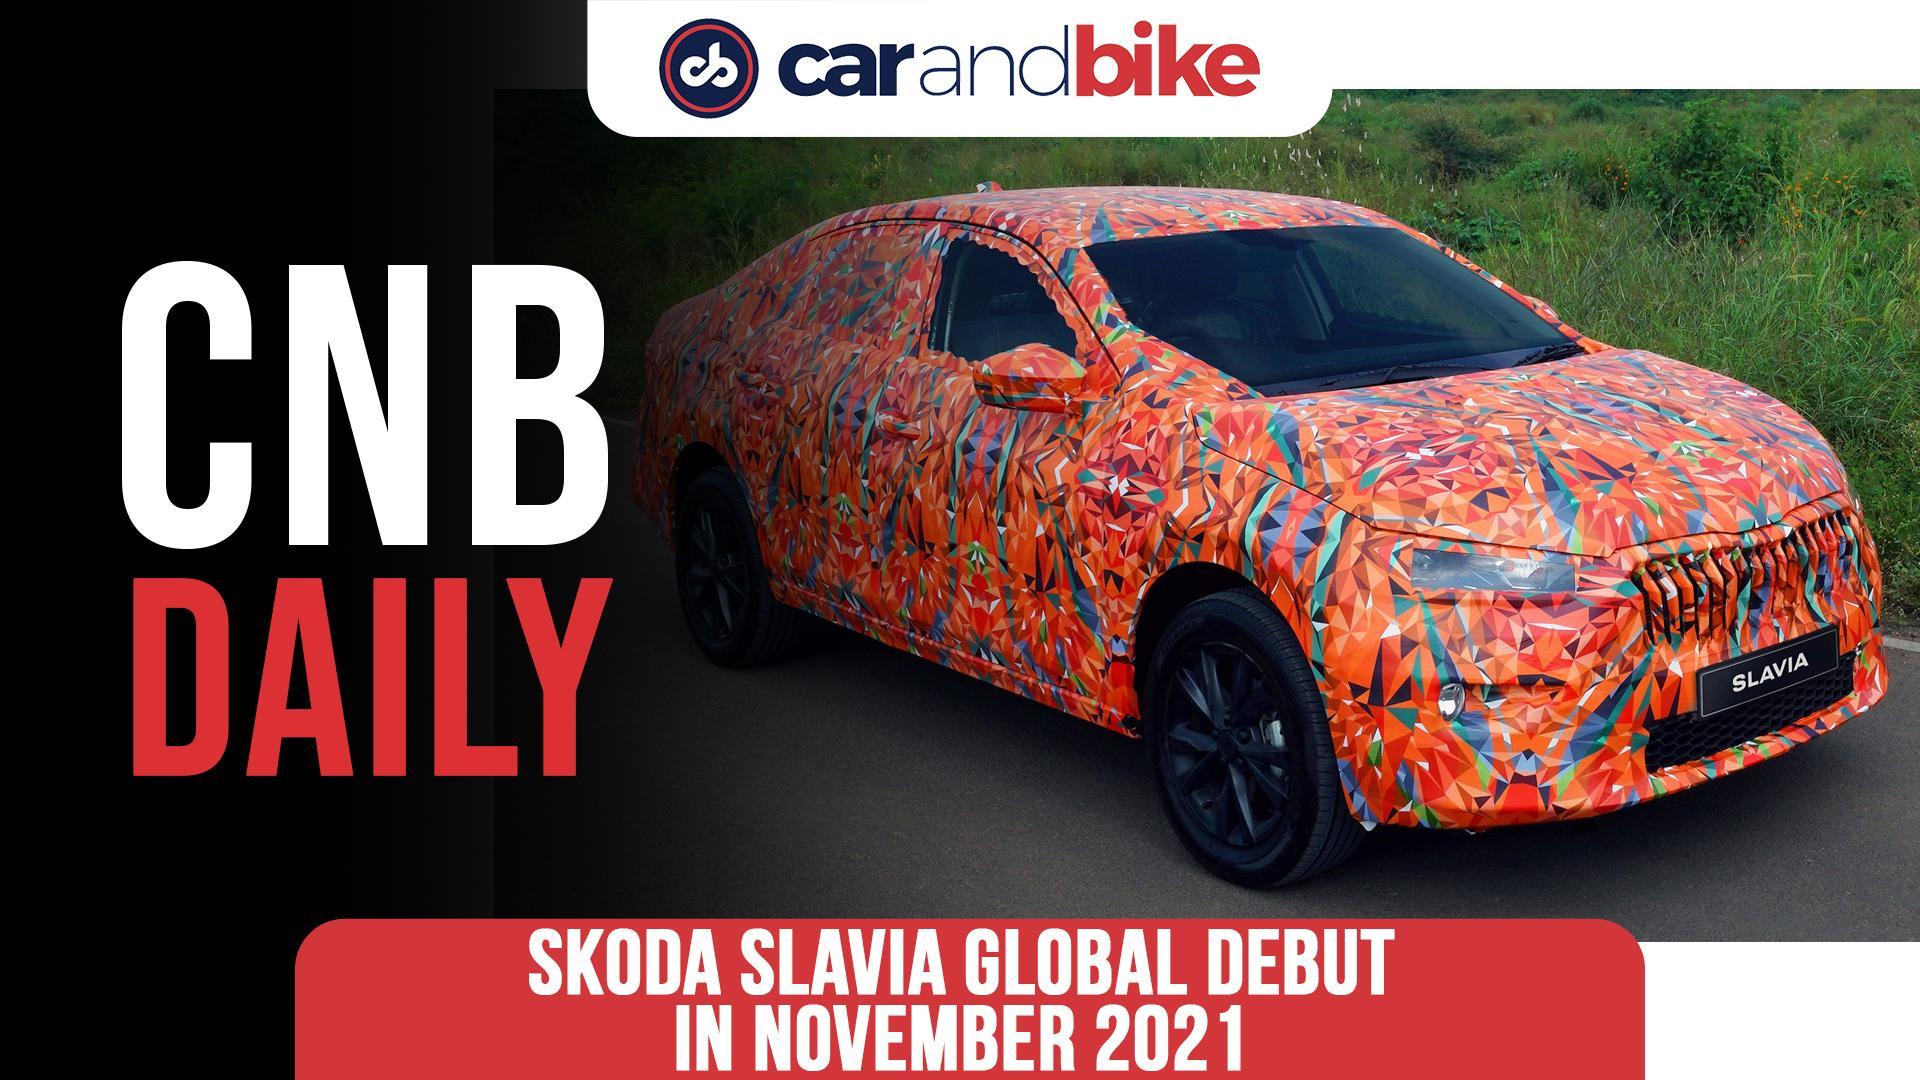 Skoda Slavia global debut in November in India